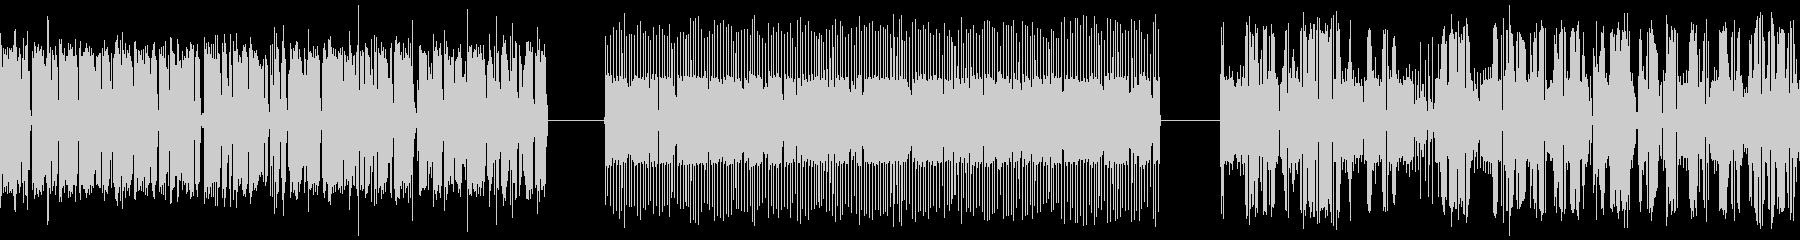 ランダムな周波数、サンプルとホール...の未再生の波形